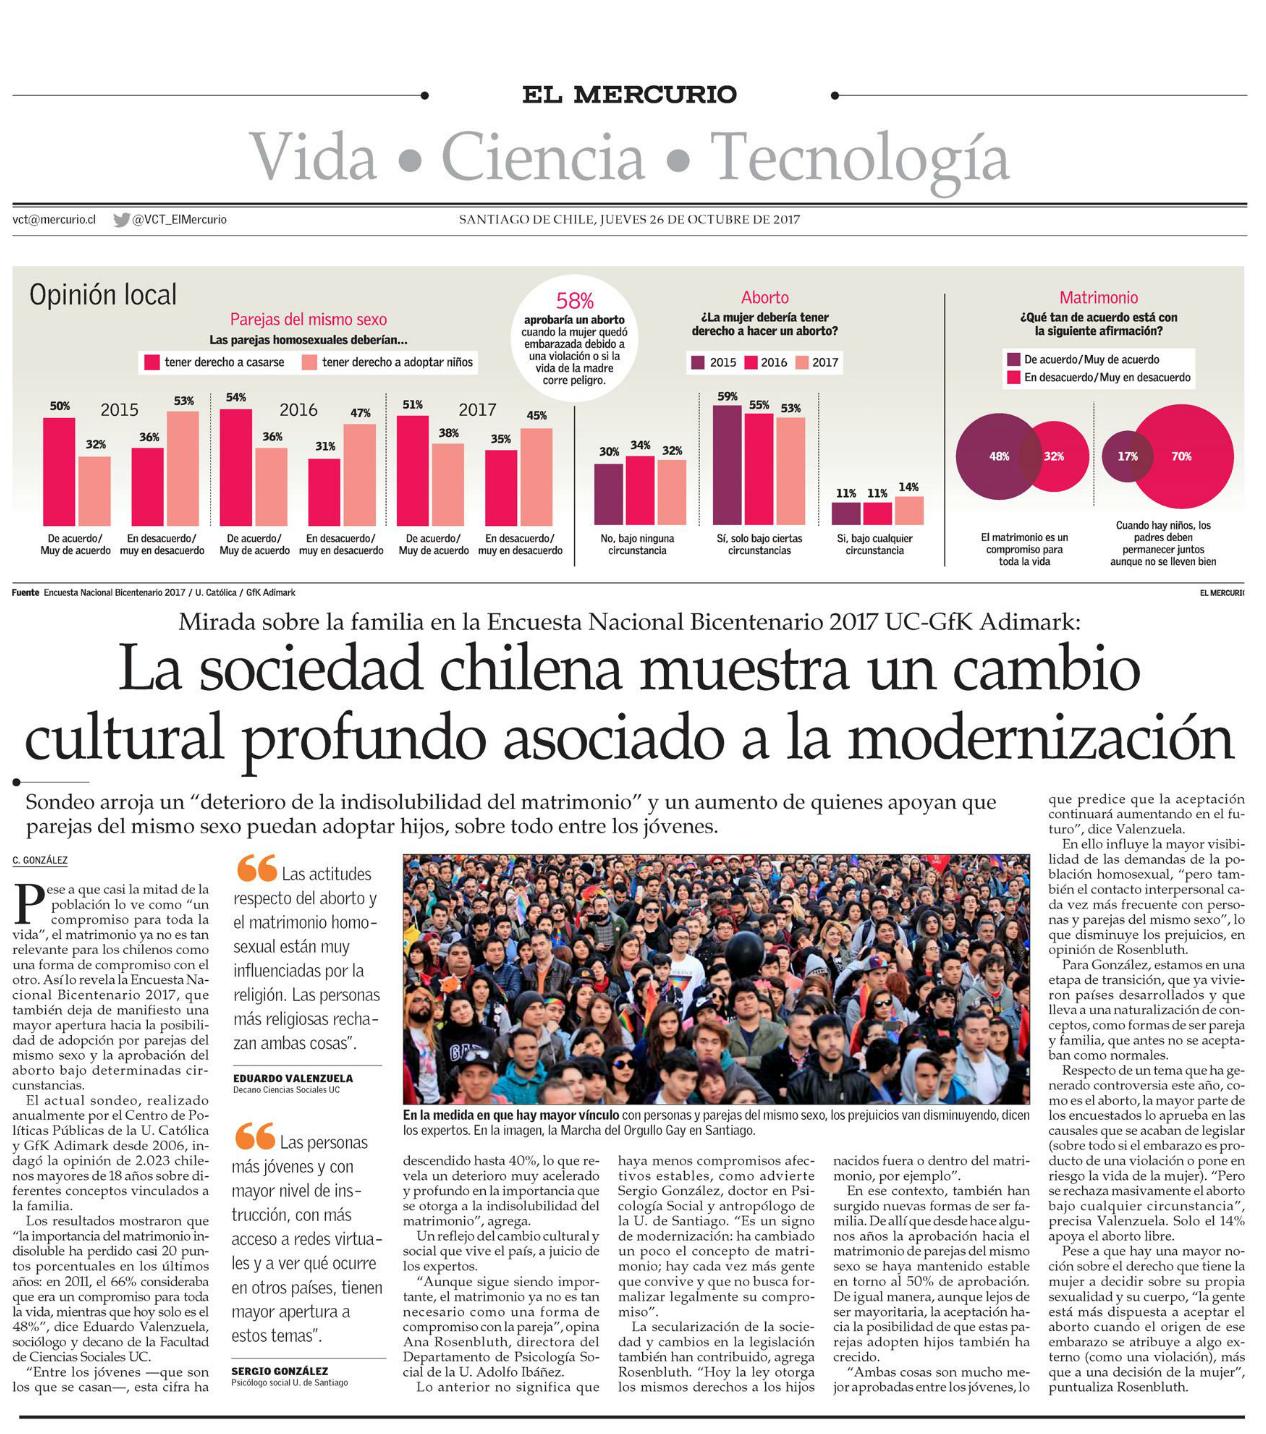 La sociedad chilena muestra un cambio cultural profundo asociado a la modernización